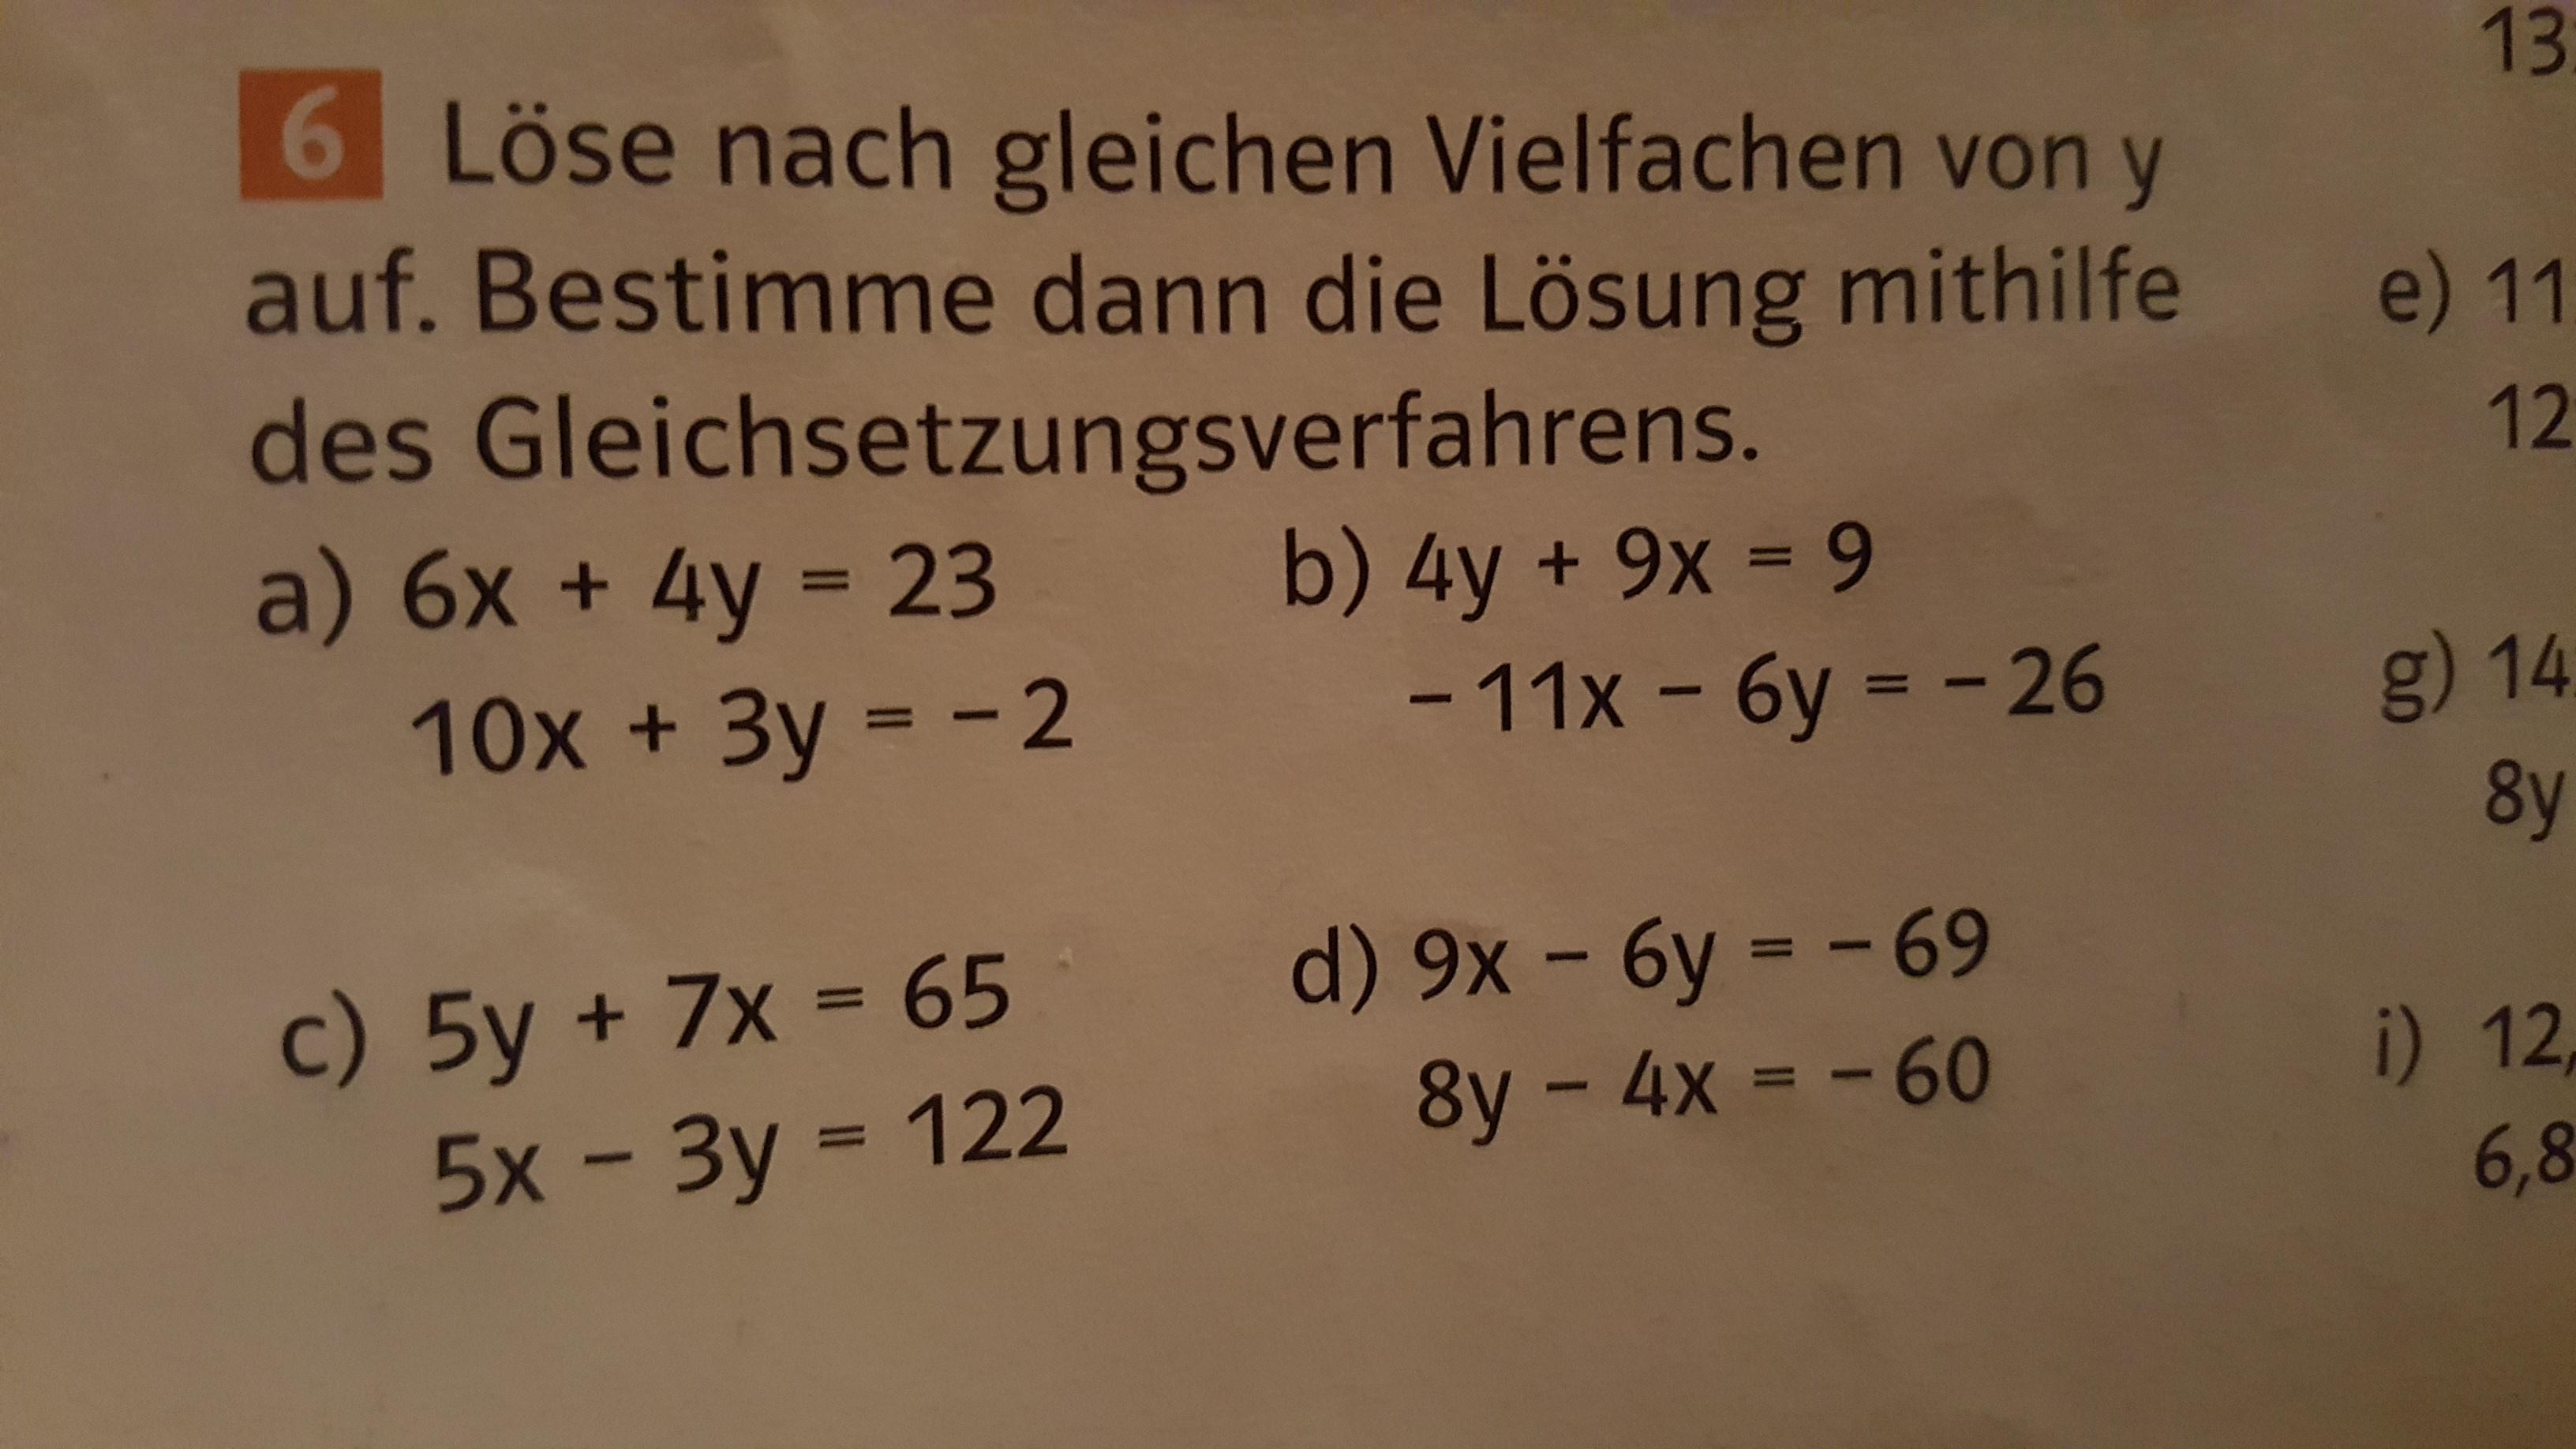 gleichsetzungsverfahren in mathe  nach einem vielfachen